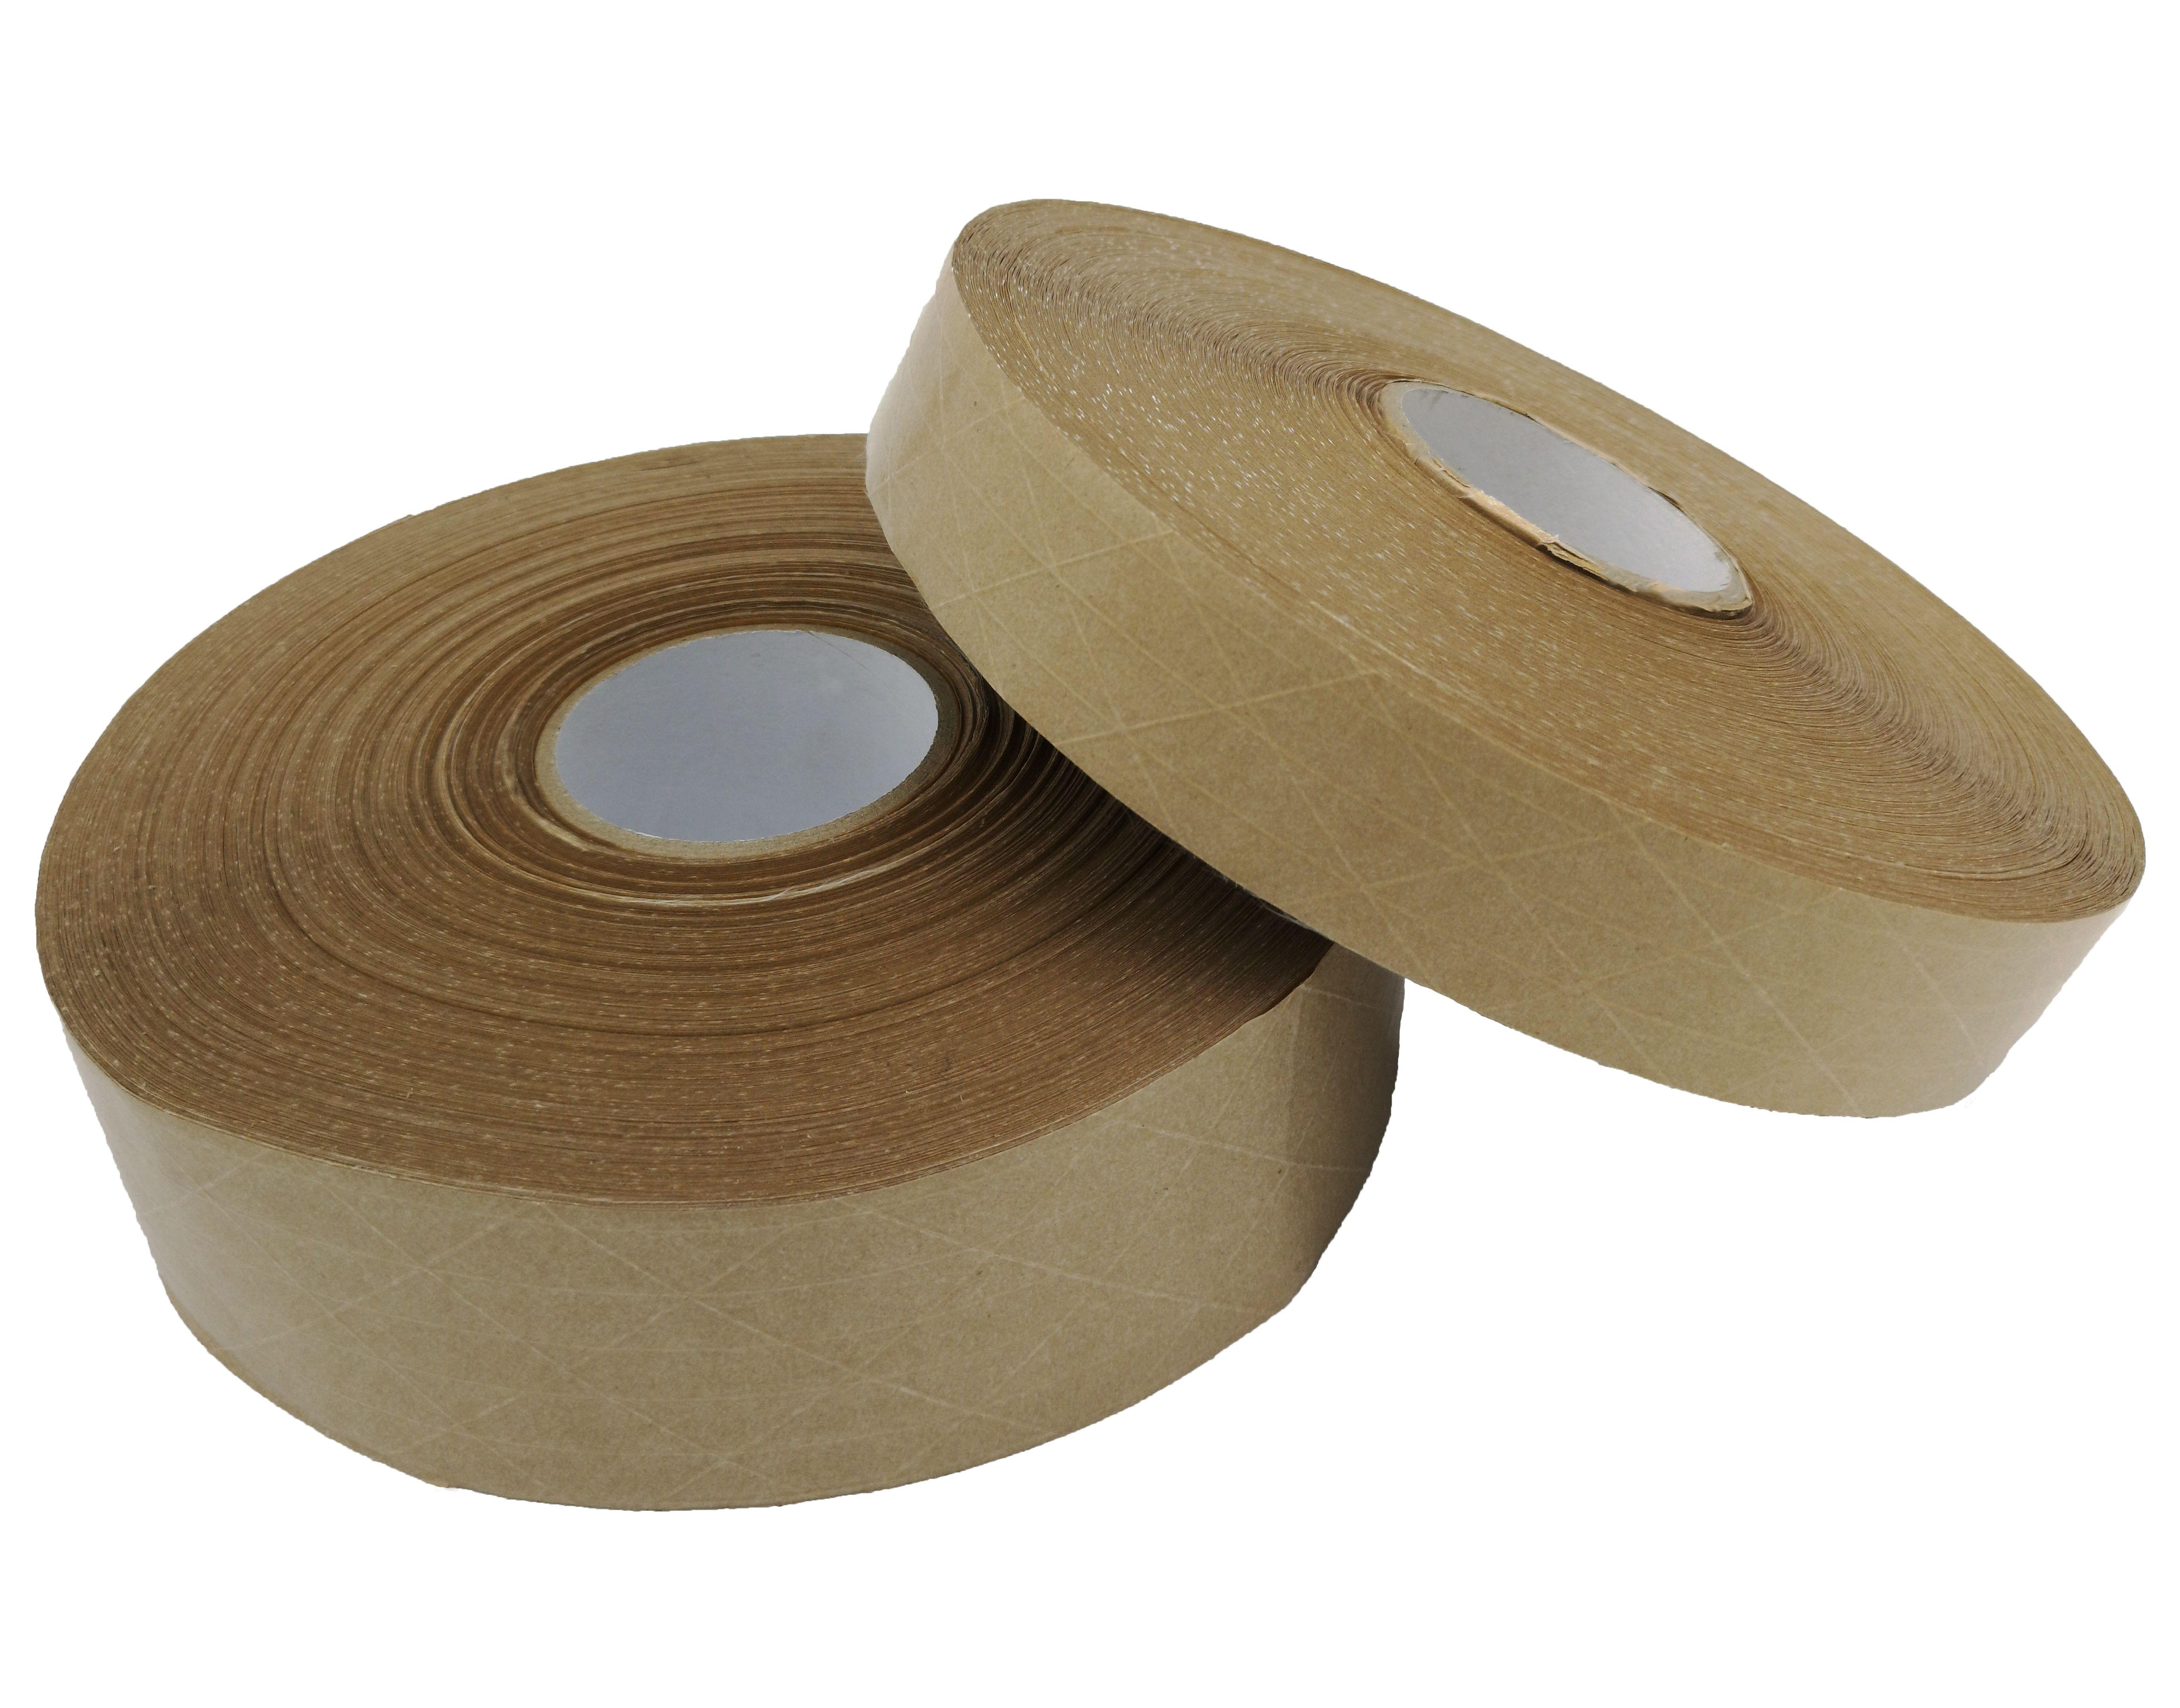 SUPATAK 48mm x 270mtr Kraft Reinforced Paper Tape